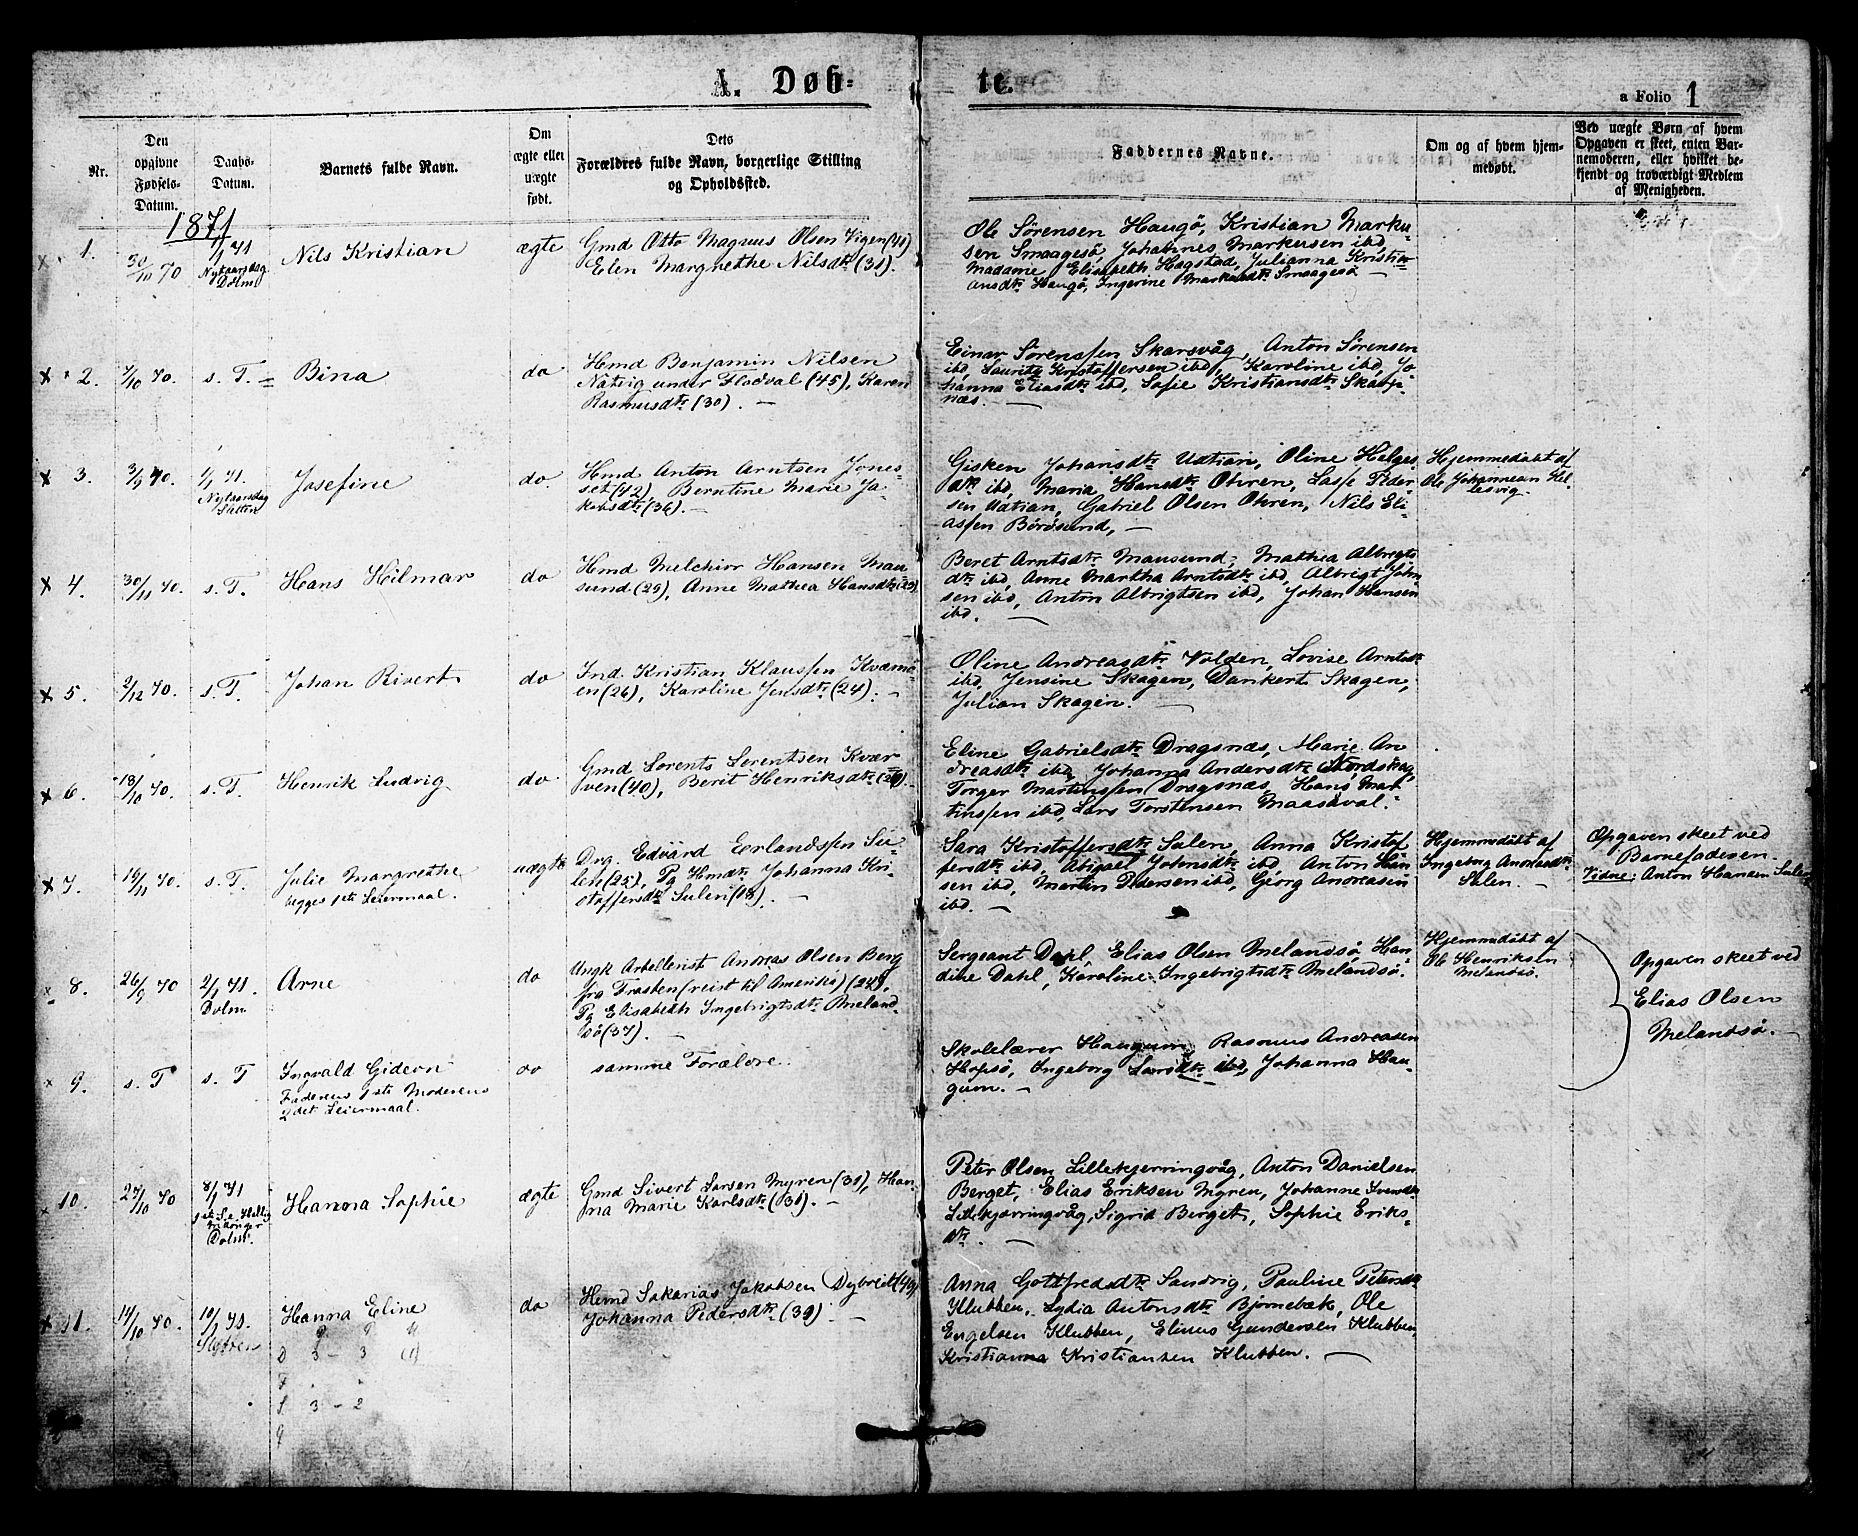 SAT, Ministerialprotokoller, klokkerbøker og fødselsregistre - Sør-Trøndelag, 634/L0532: Ministerialbok nr. 634A08, 1871-1881, s. 1